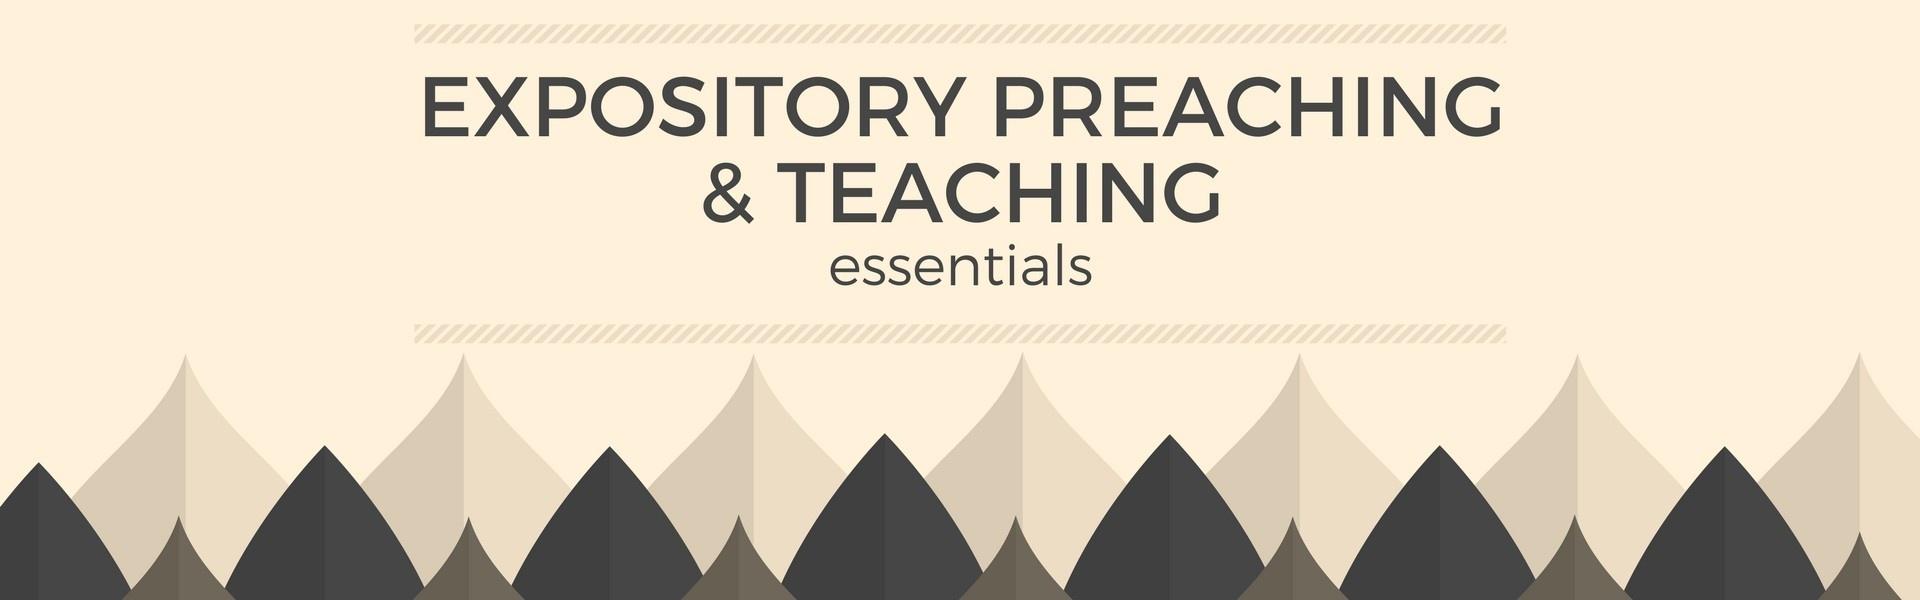 Essentials of Biblical Leadership Institute